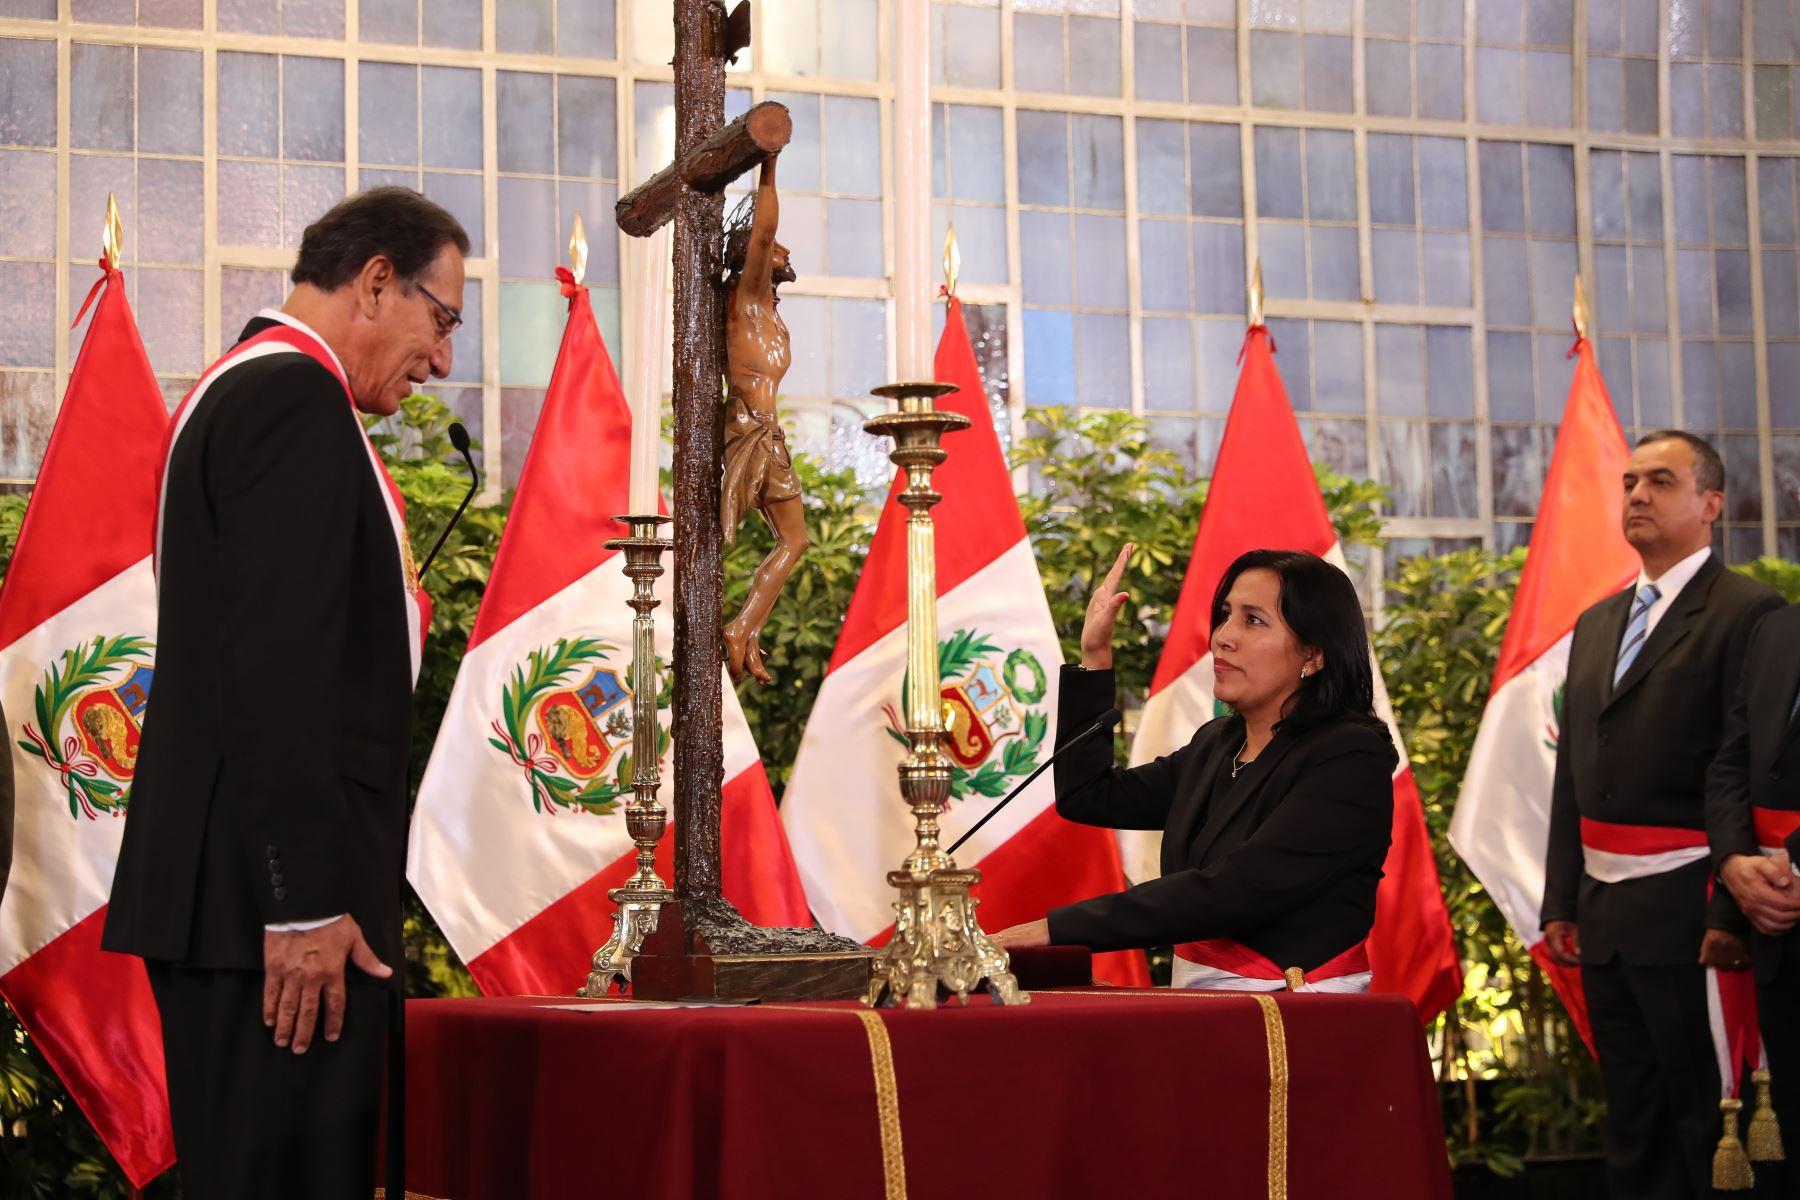 Flor Pablo Medina juramenta como ministra de Educación. Foto: ANDINA/Prensa Presidencia